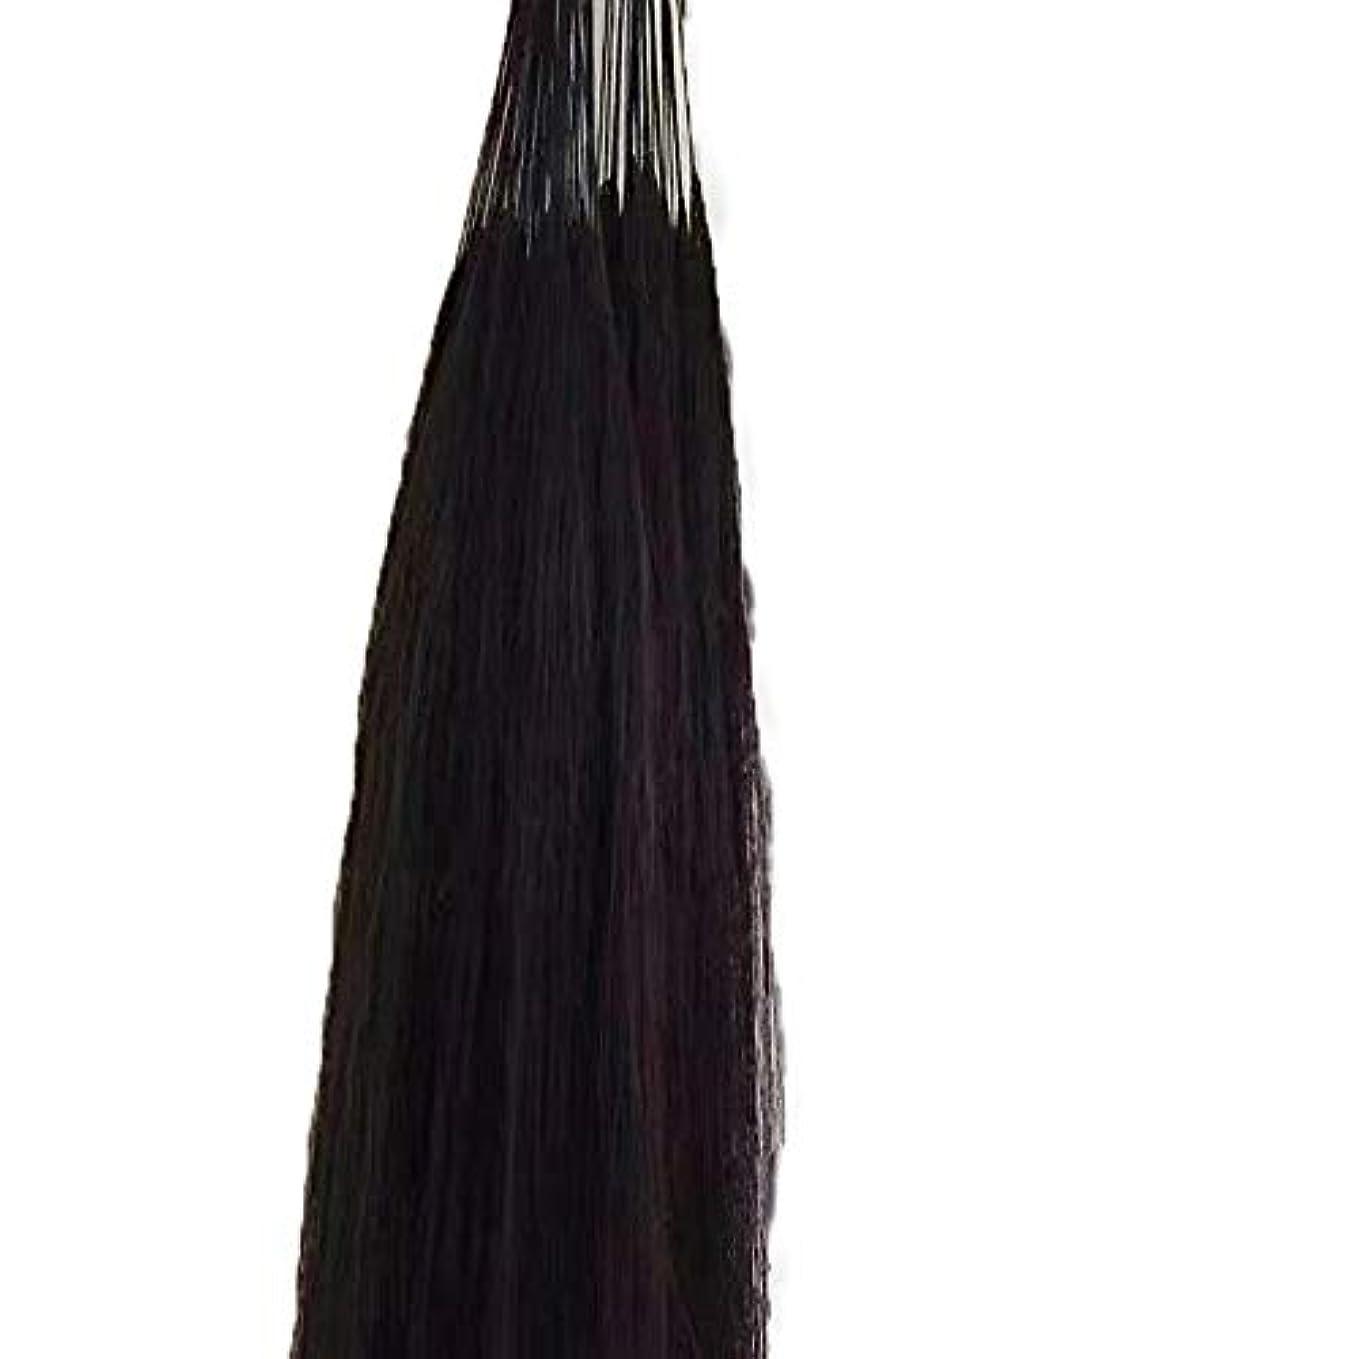 マウスピース脅迫おもちゃJULYTER 羽毛エクステンション人間の毛先のヒントフュージョンアンボー手編み未縫合ヘアーエクステンション (色 : 黒, サイズ : 60cm)